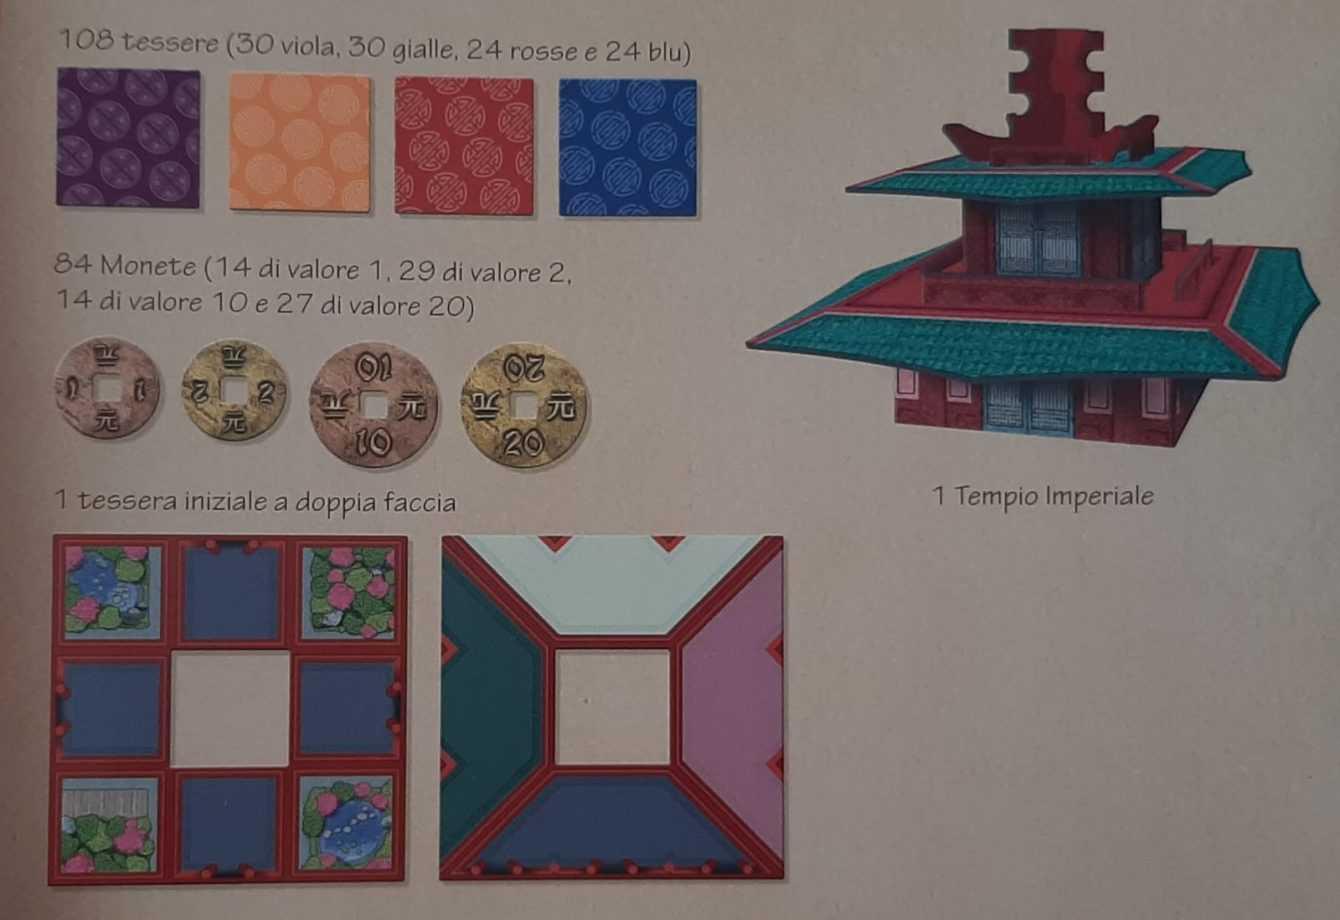 Recensione Forbidden City: un consigliere nella Città Proibita